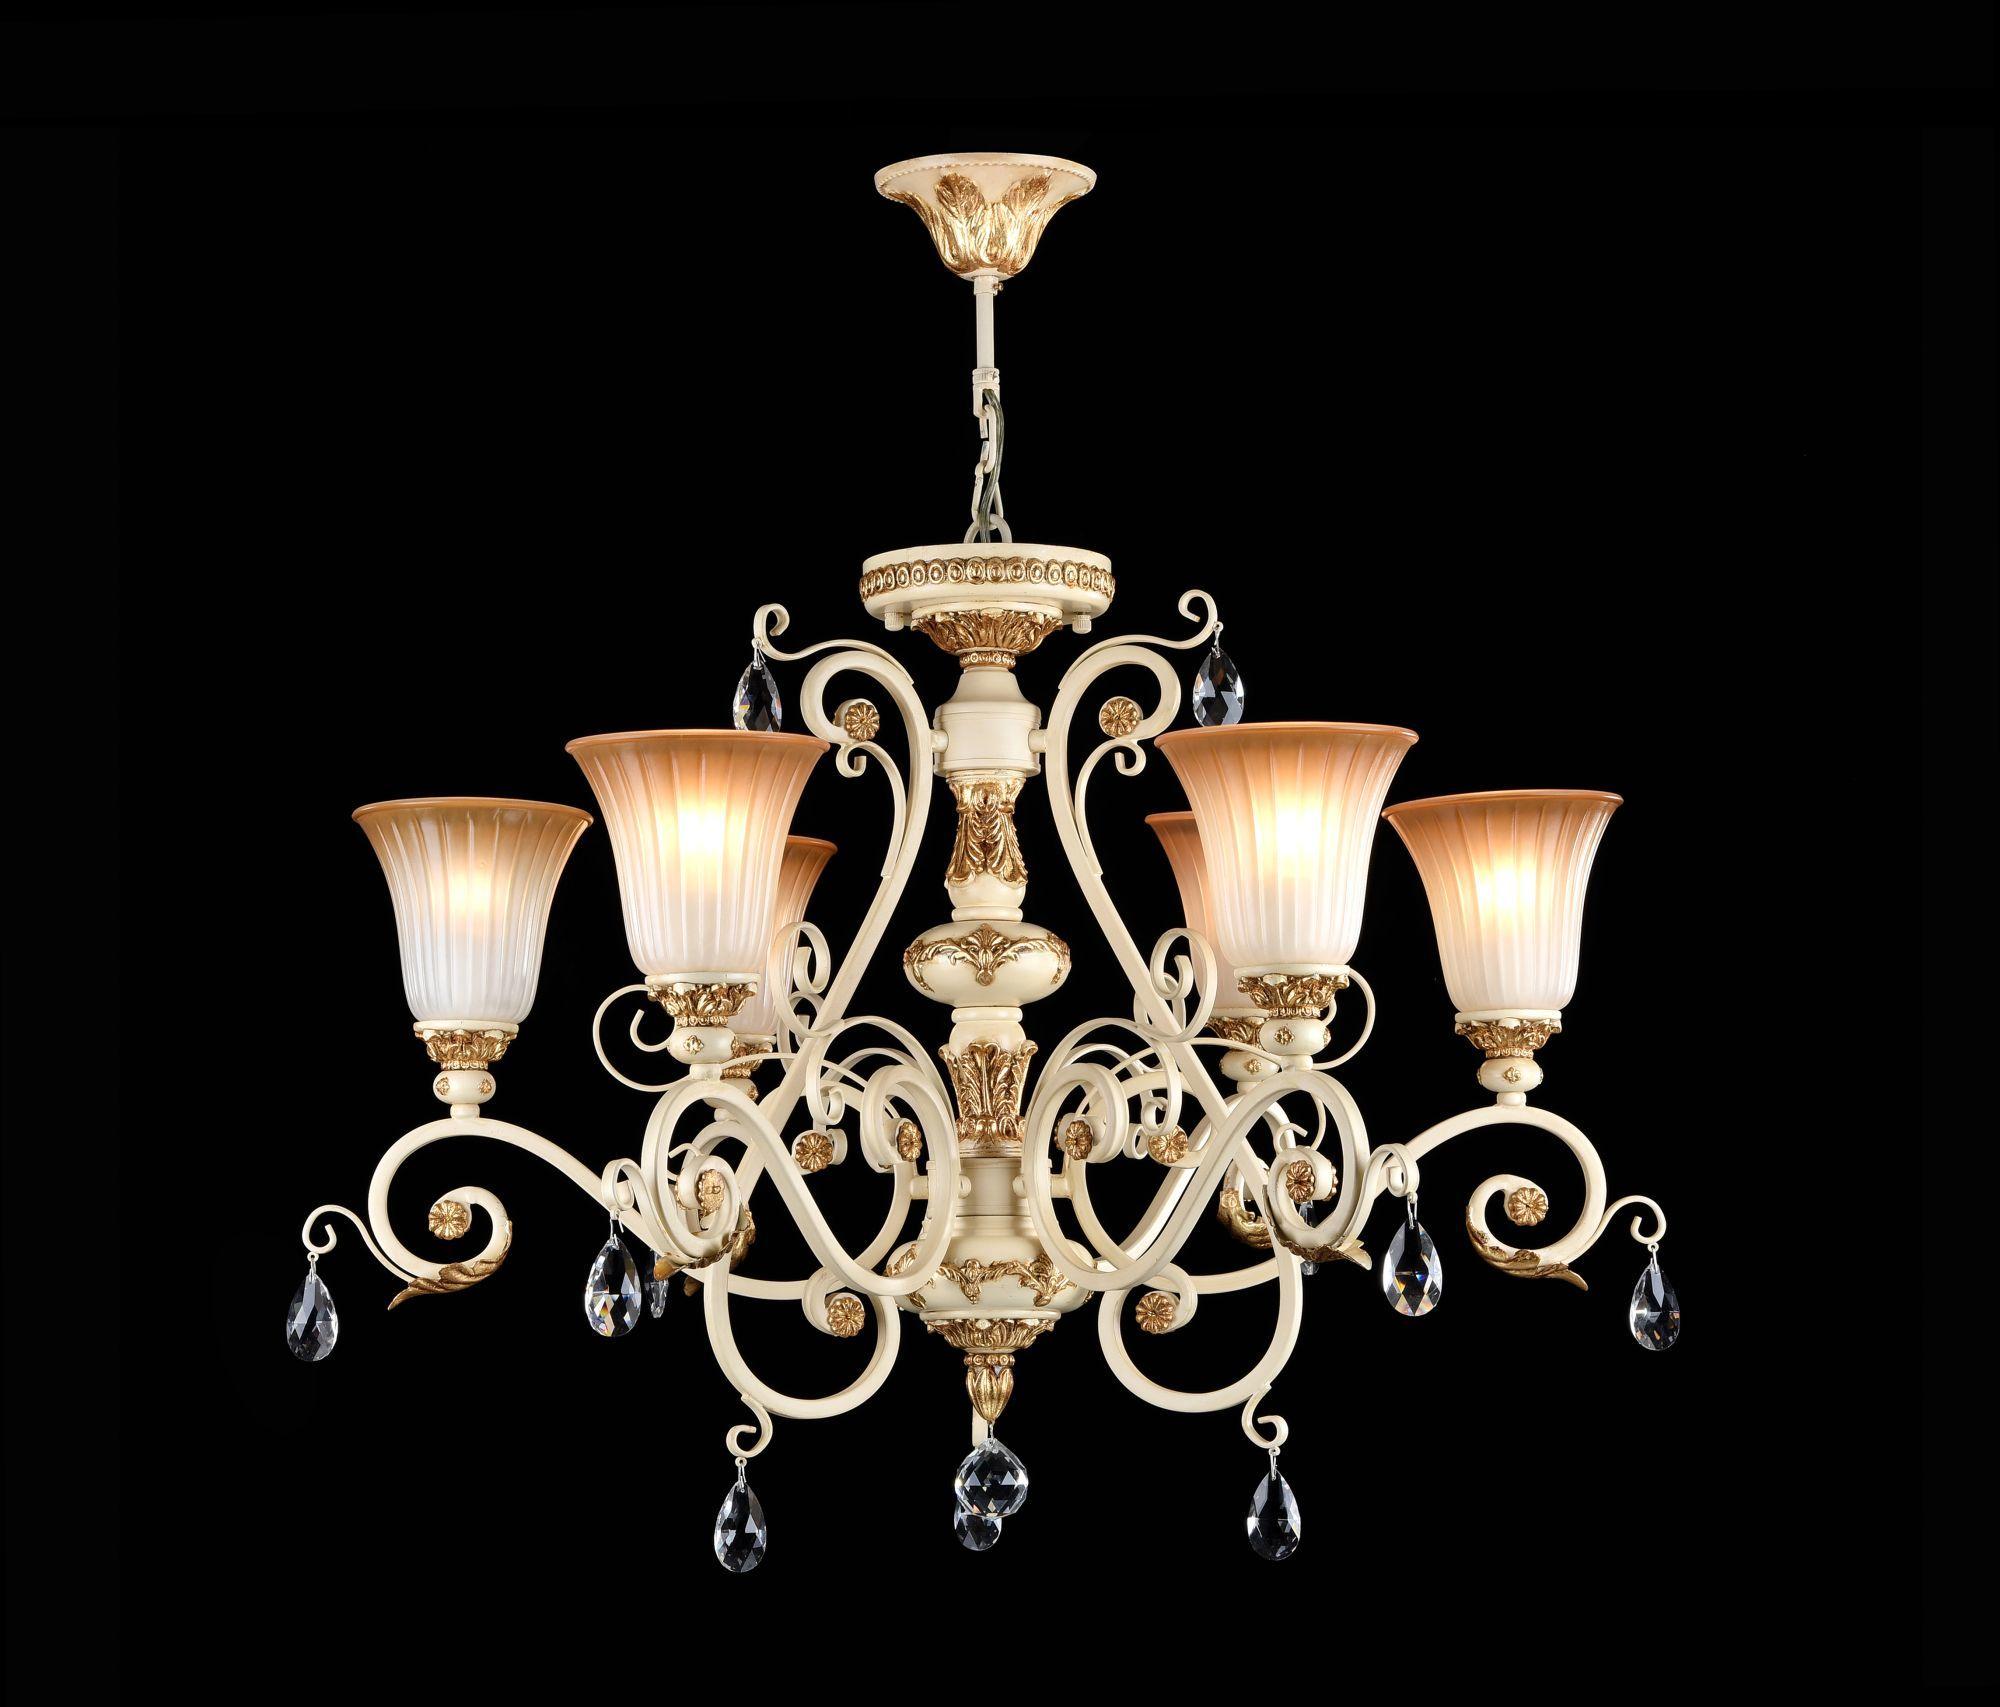 Потолочно-подвесная люстра Freya Symphony FR2333-PL-06-BG, бежевый, золото, коричневый, прозрачный, металл, стекло, хрусталь - фото 3